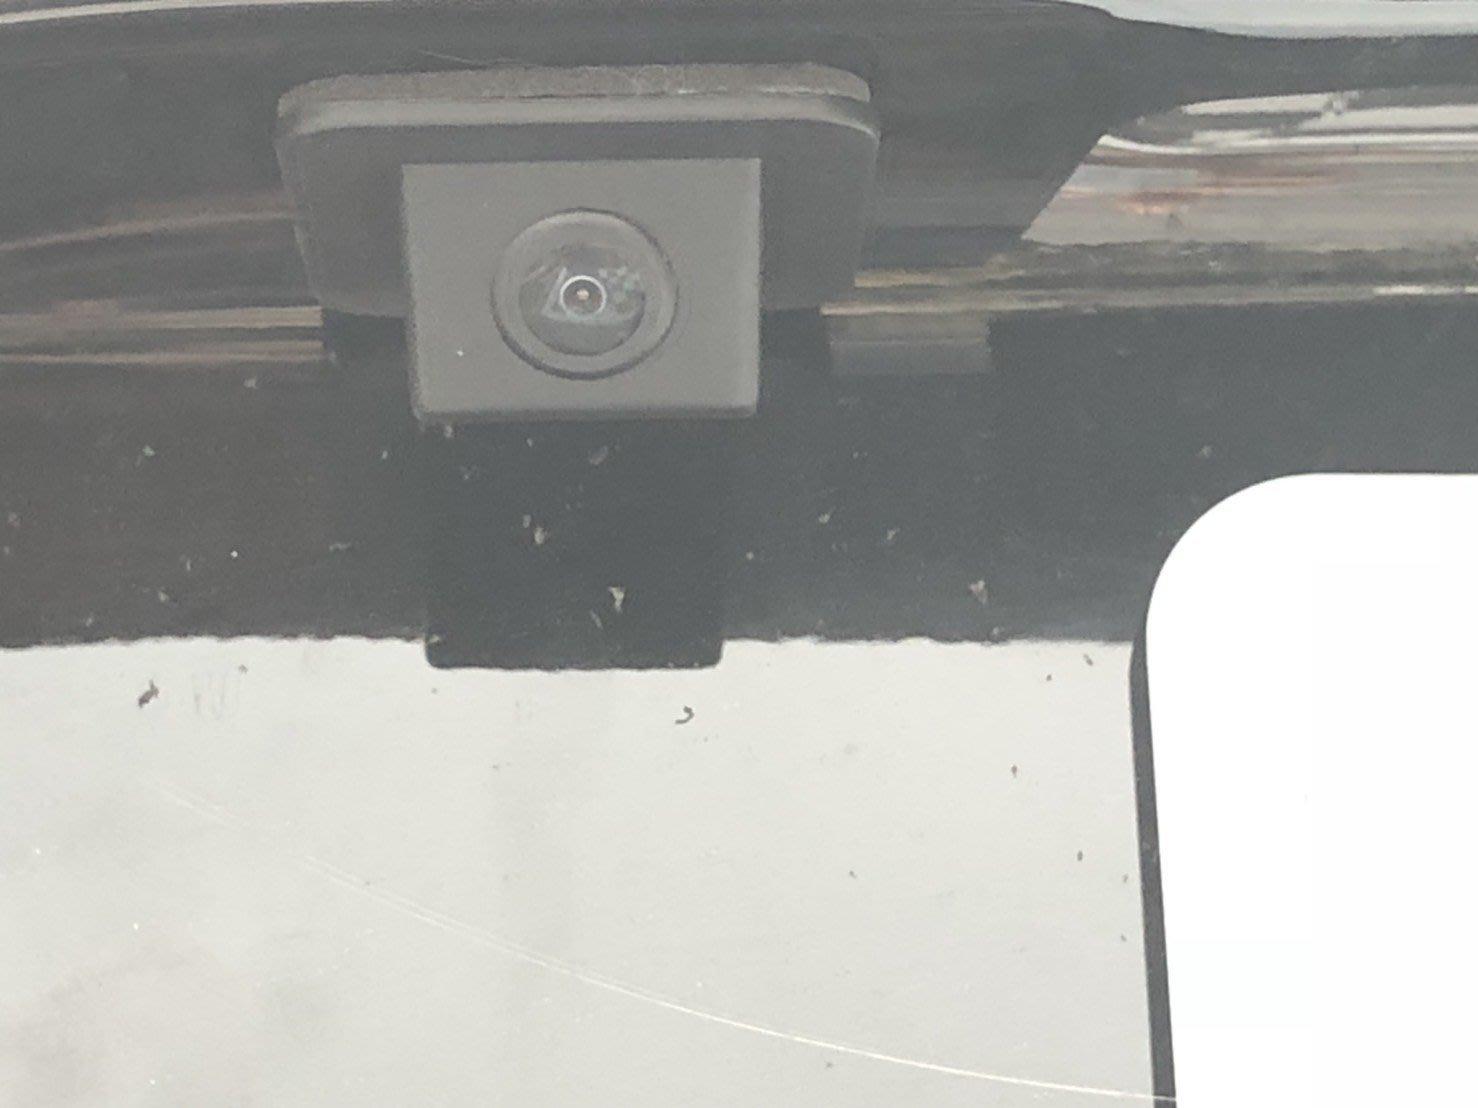 ☆雙魚座〃汽車精品〃三菱 OUTLANDER 2014~2018年 專用型彩色倒車影像鏡頭 outlander 倒車鏡頭